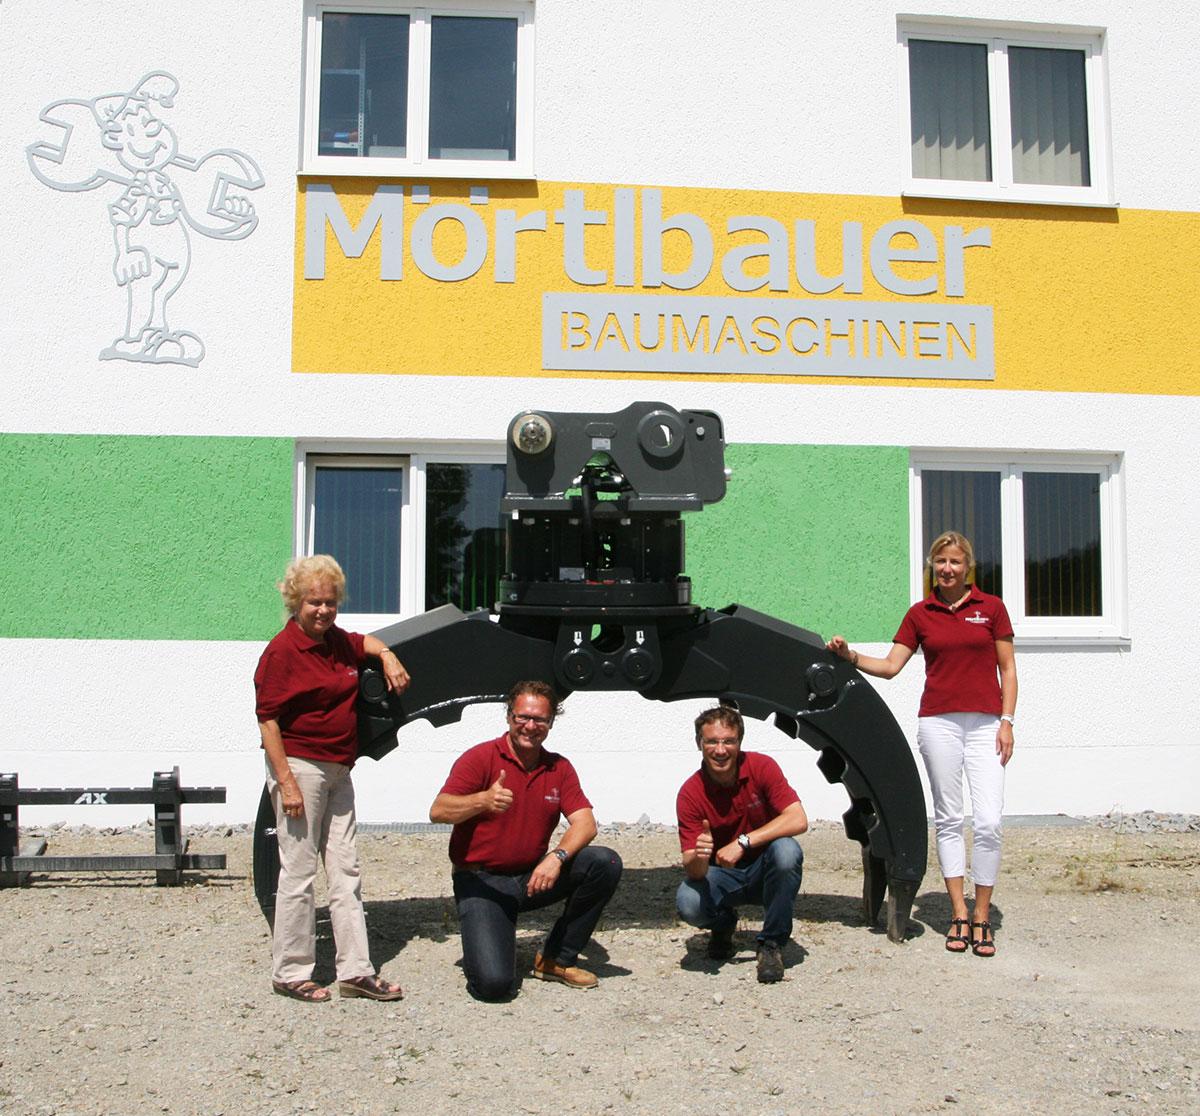 moertlbauer-baumaschinen-unternehmen